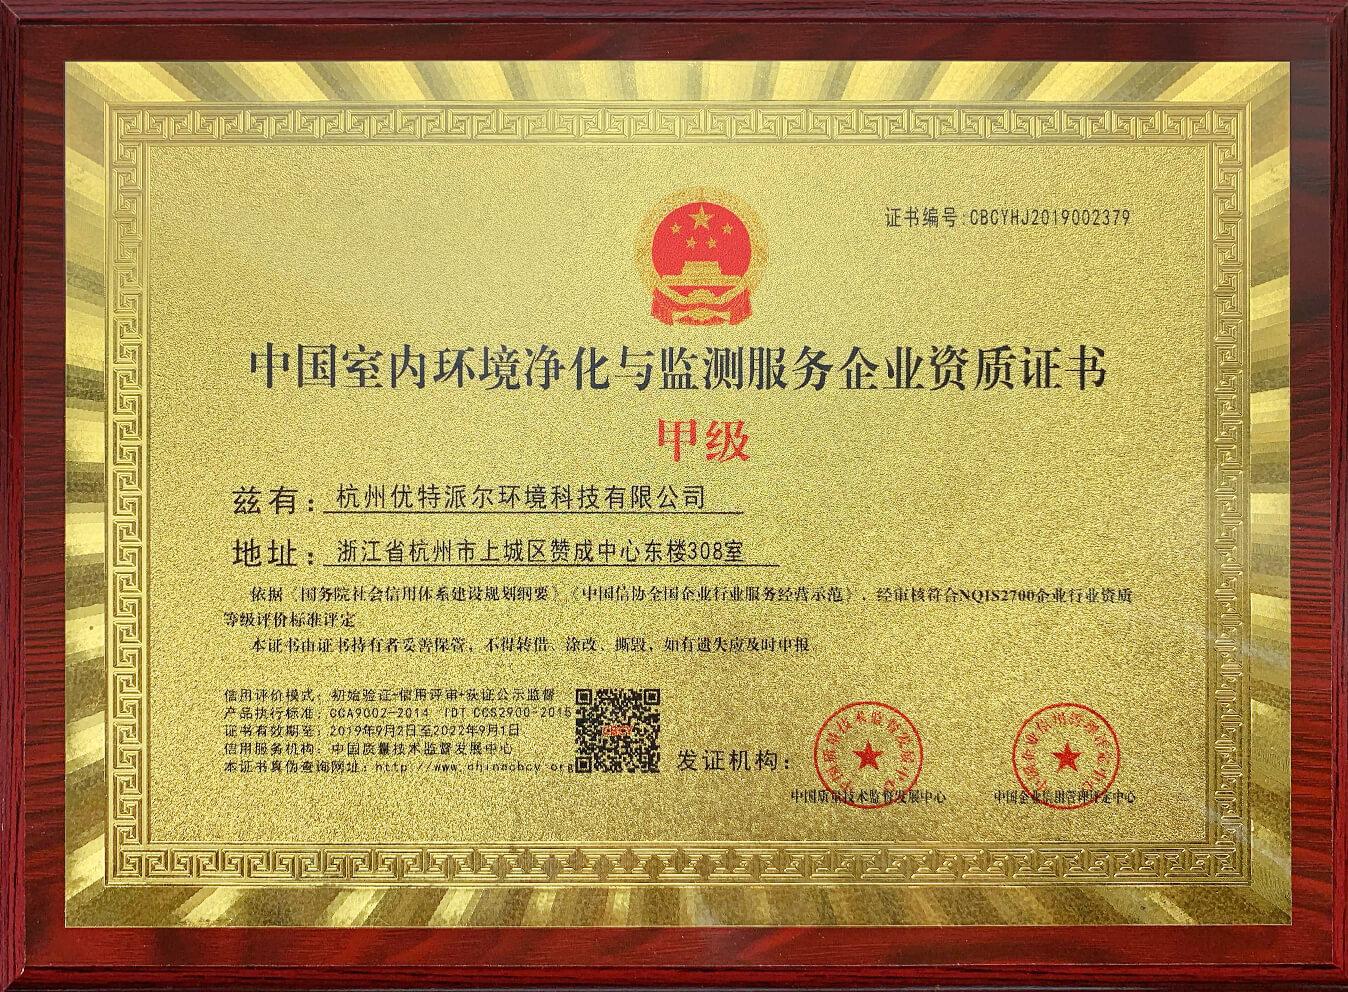 优特派尔-中国室内环境净化与监测服务企业资质证书甲级